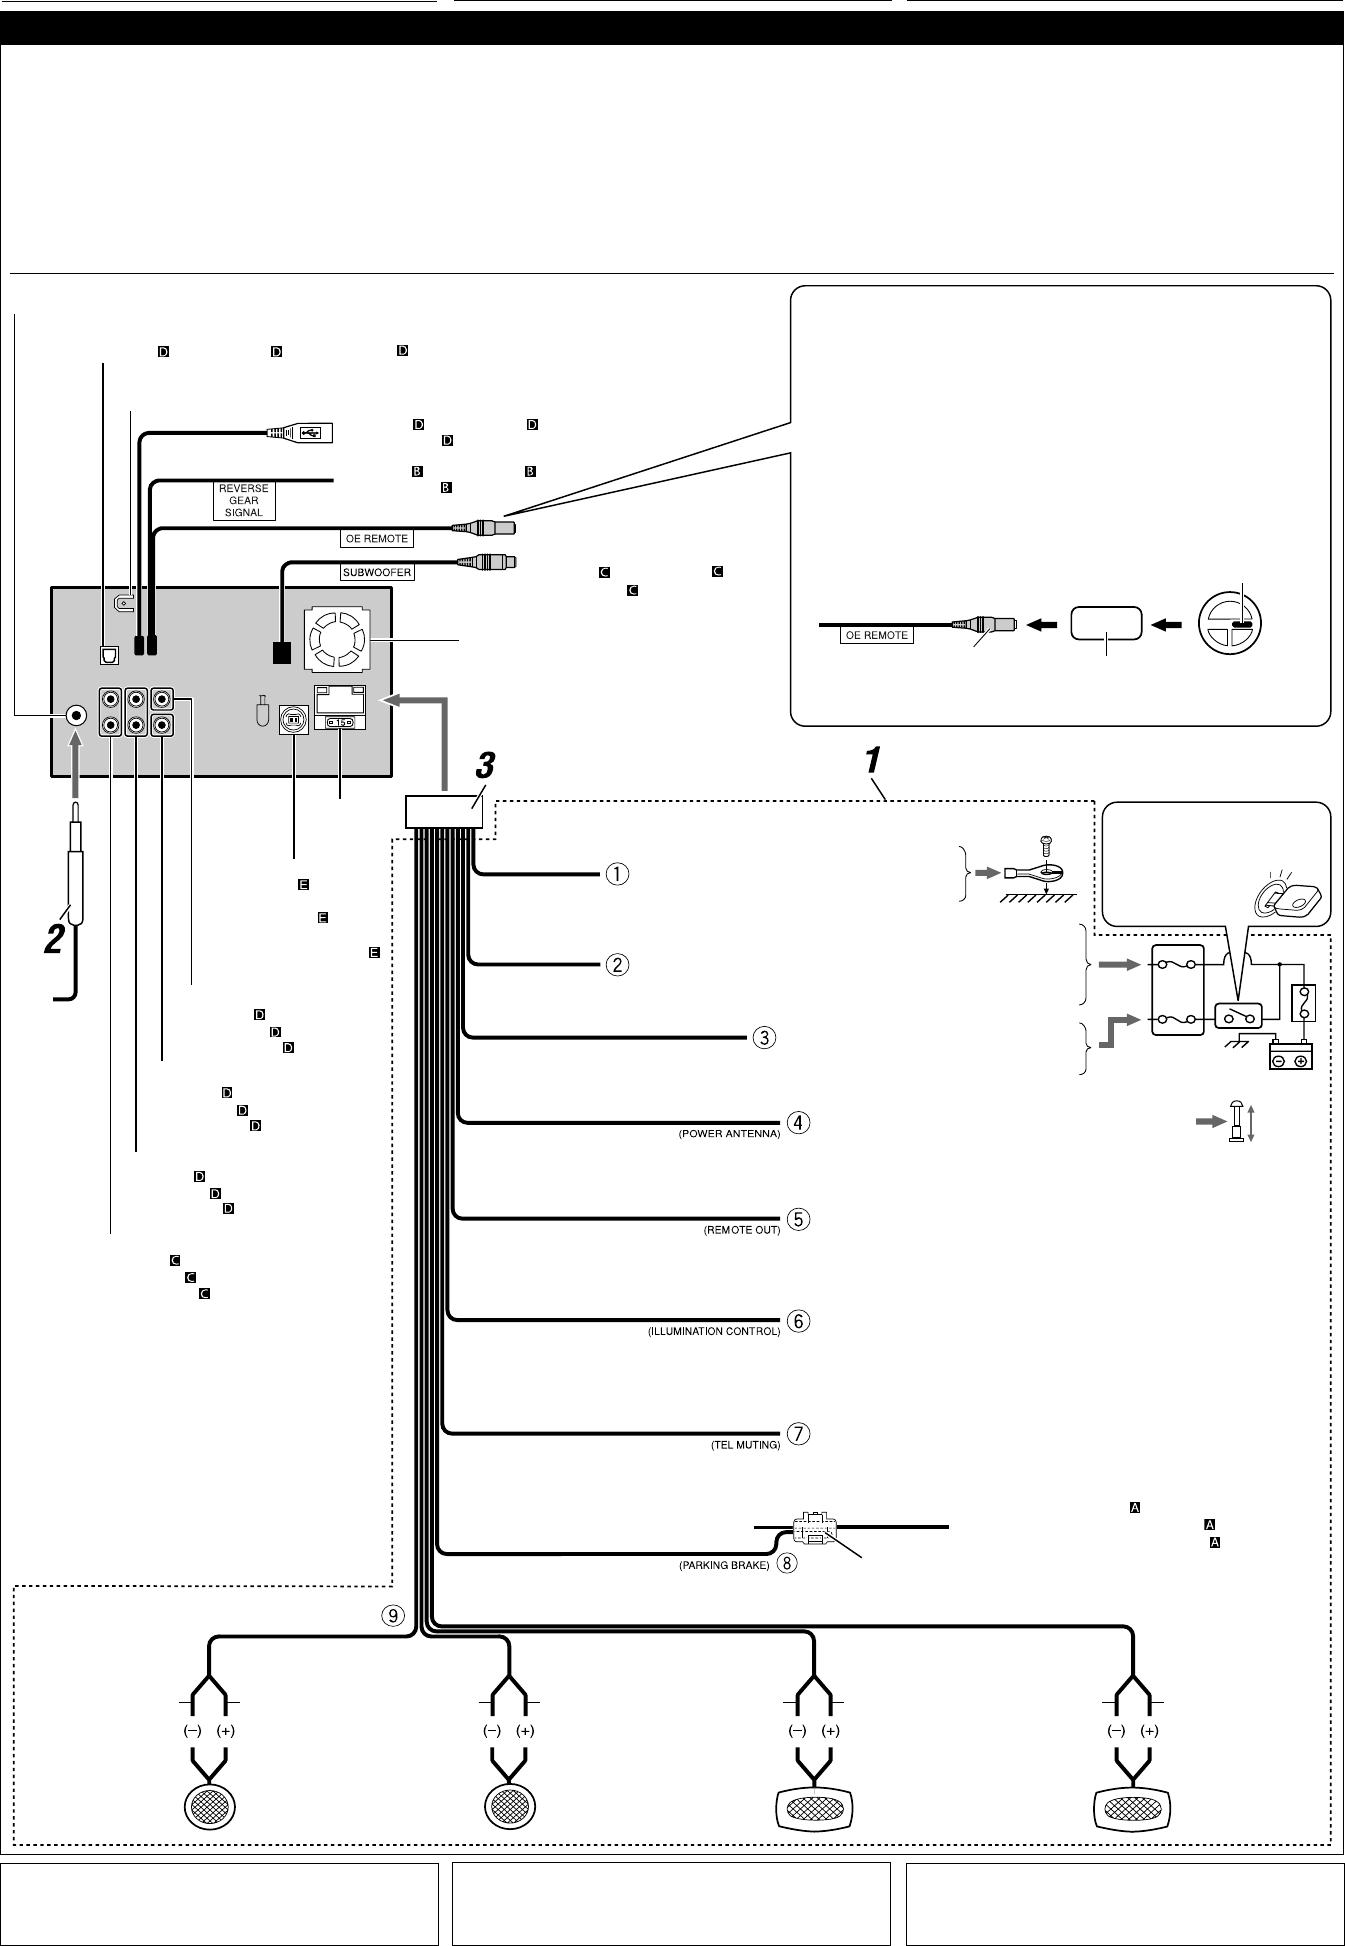 Kw Avx710 Wiring Diagram Page 3 And Schematics Maxwell Windl Ez Broan Jvc Av50